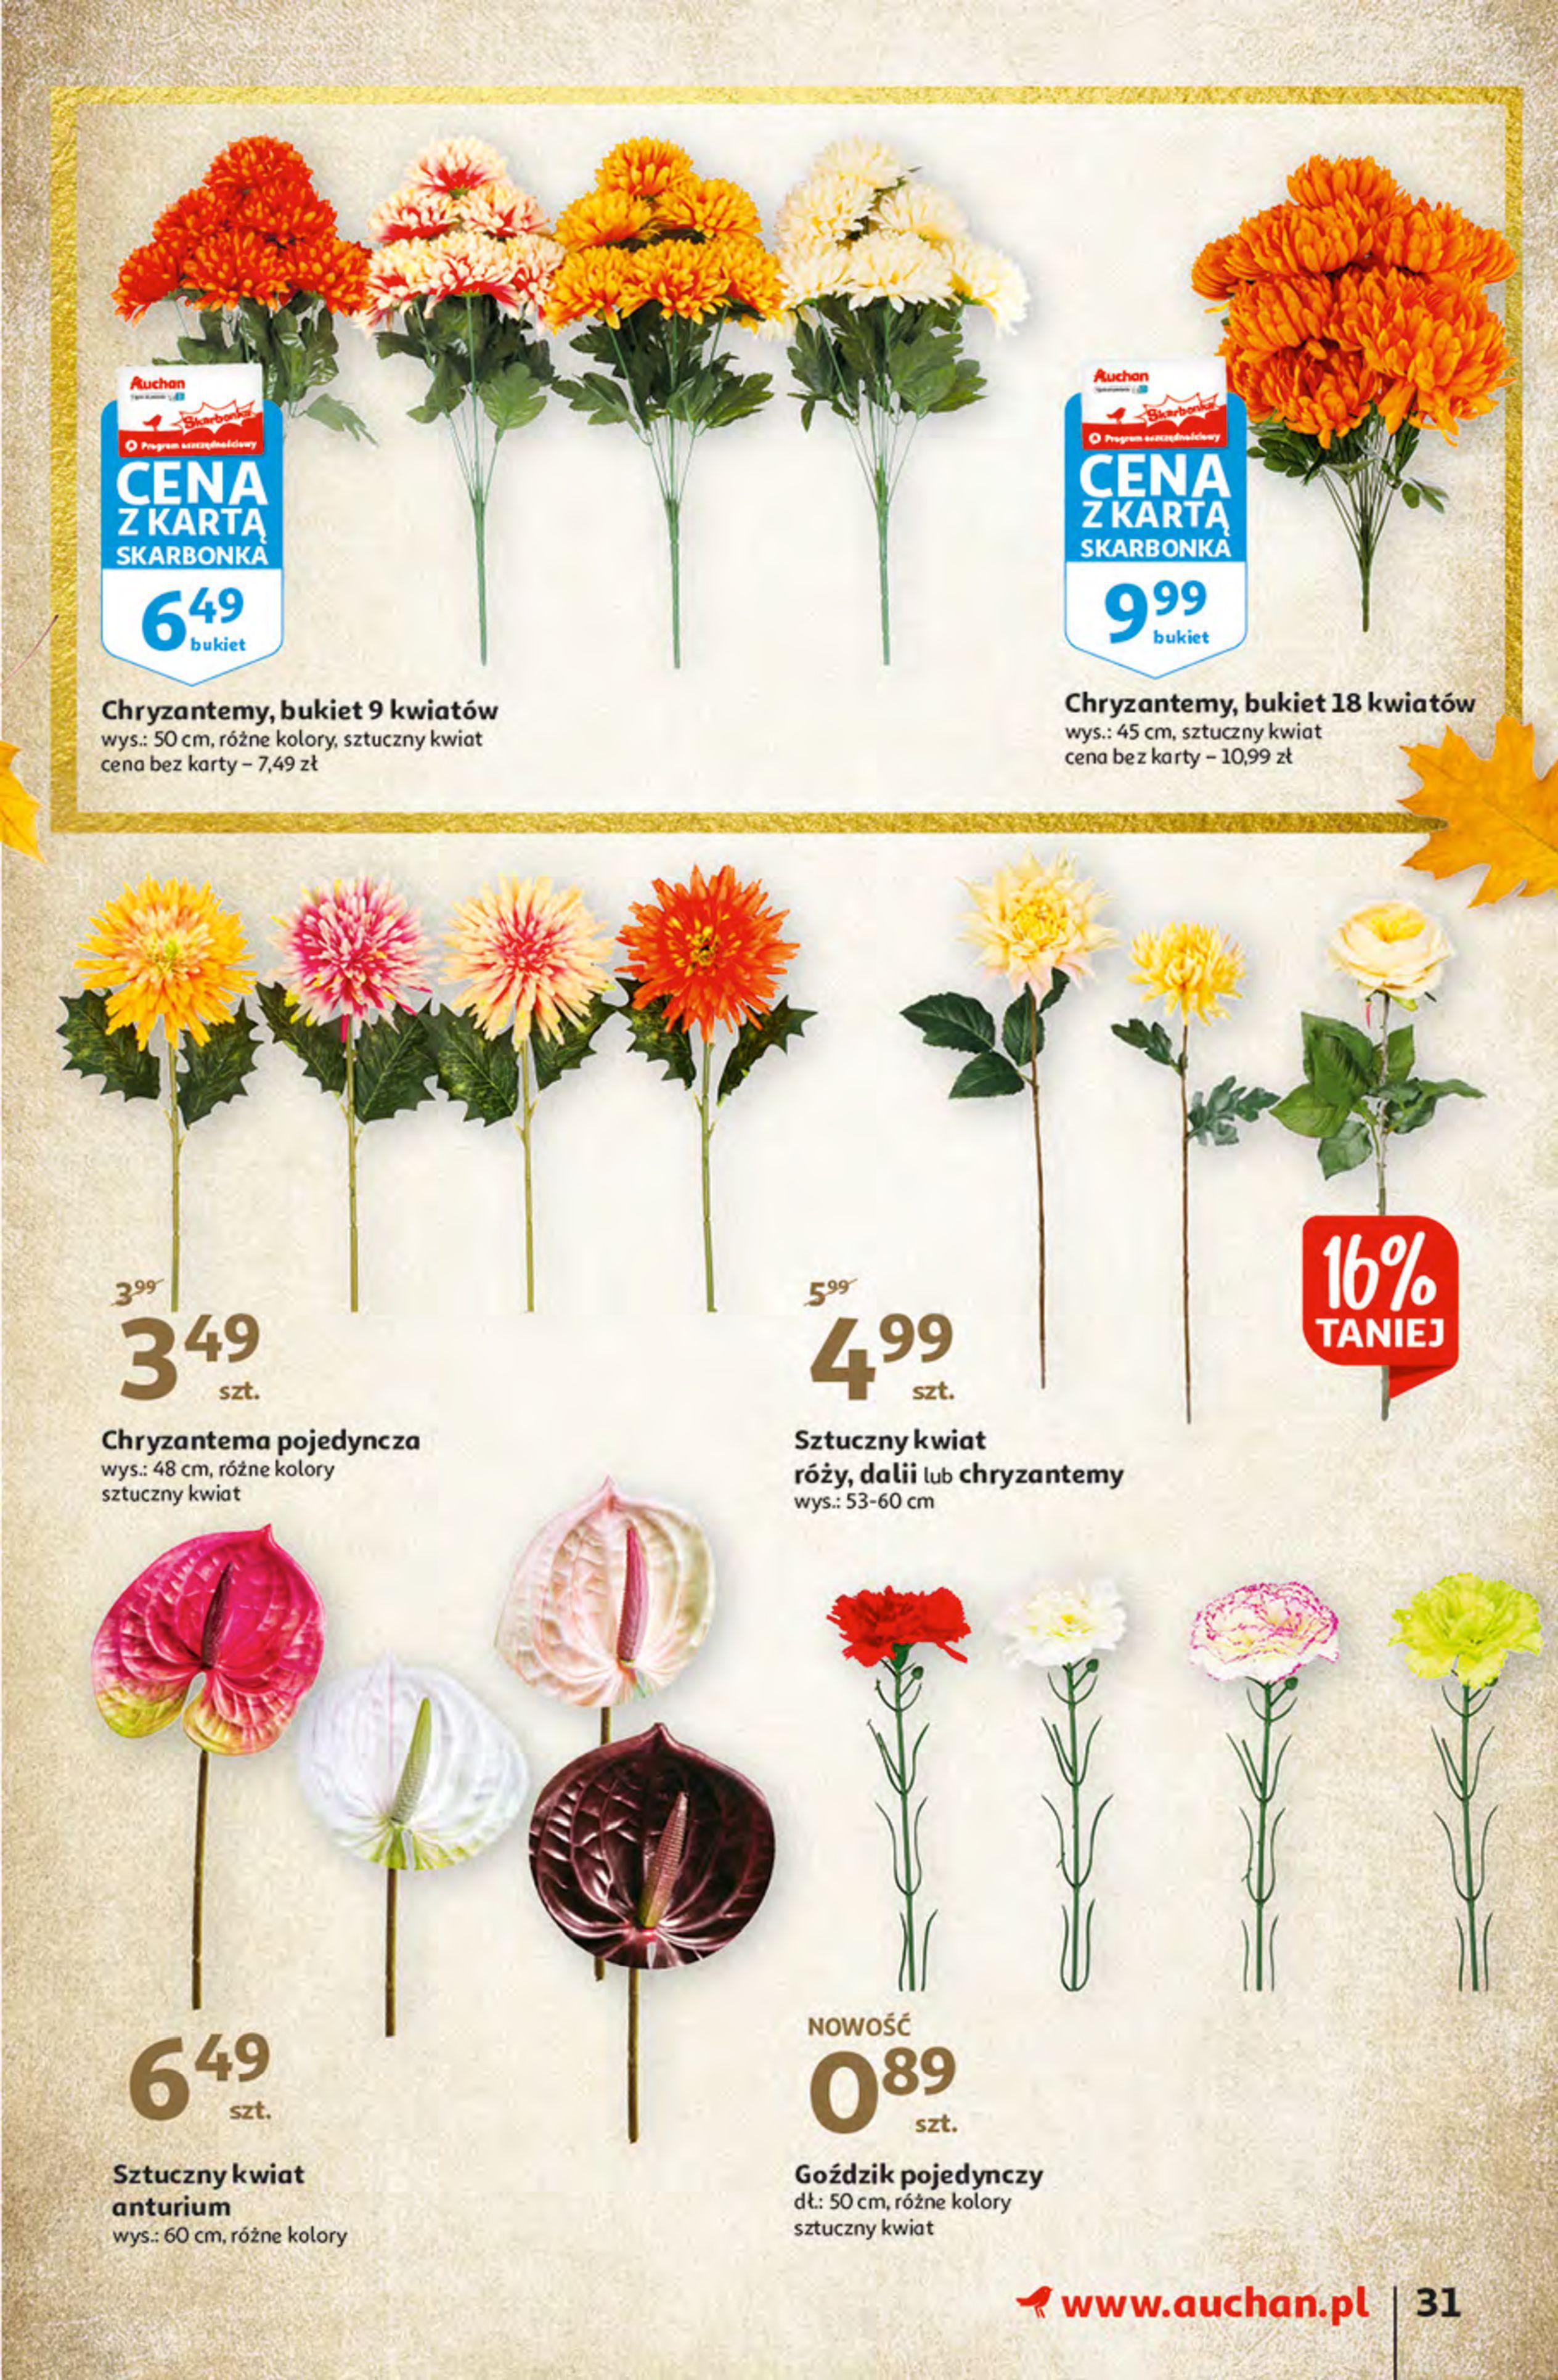 Gazetka Auchan: Gazetka Auchan - Hiperoszczędzanie z Kartą Skarbonka 2 Hipermarkety 2021-10-14 page-31